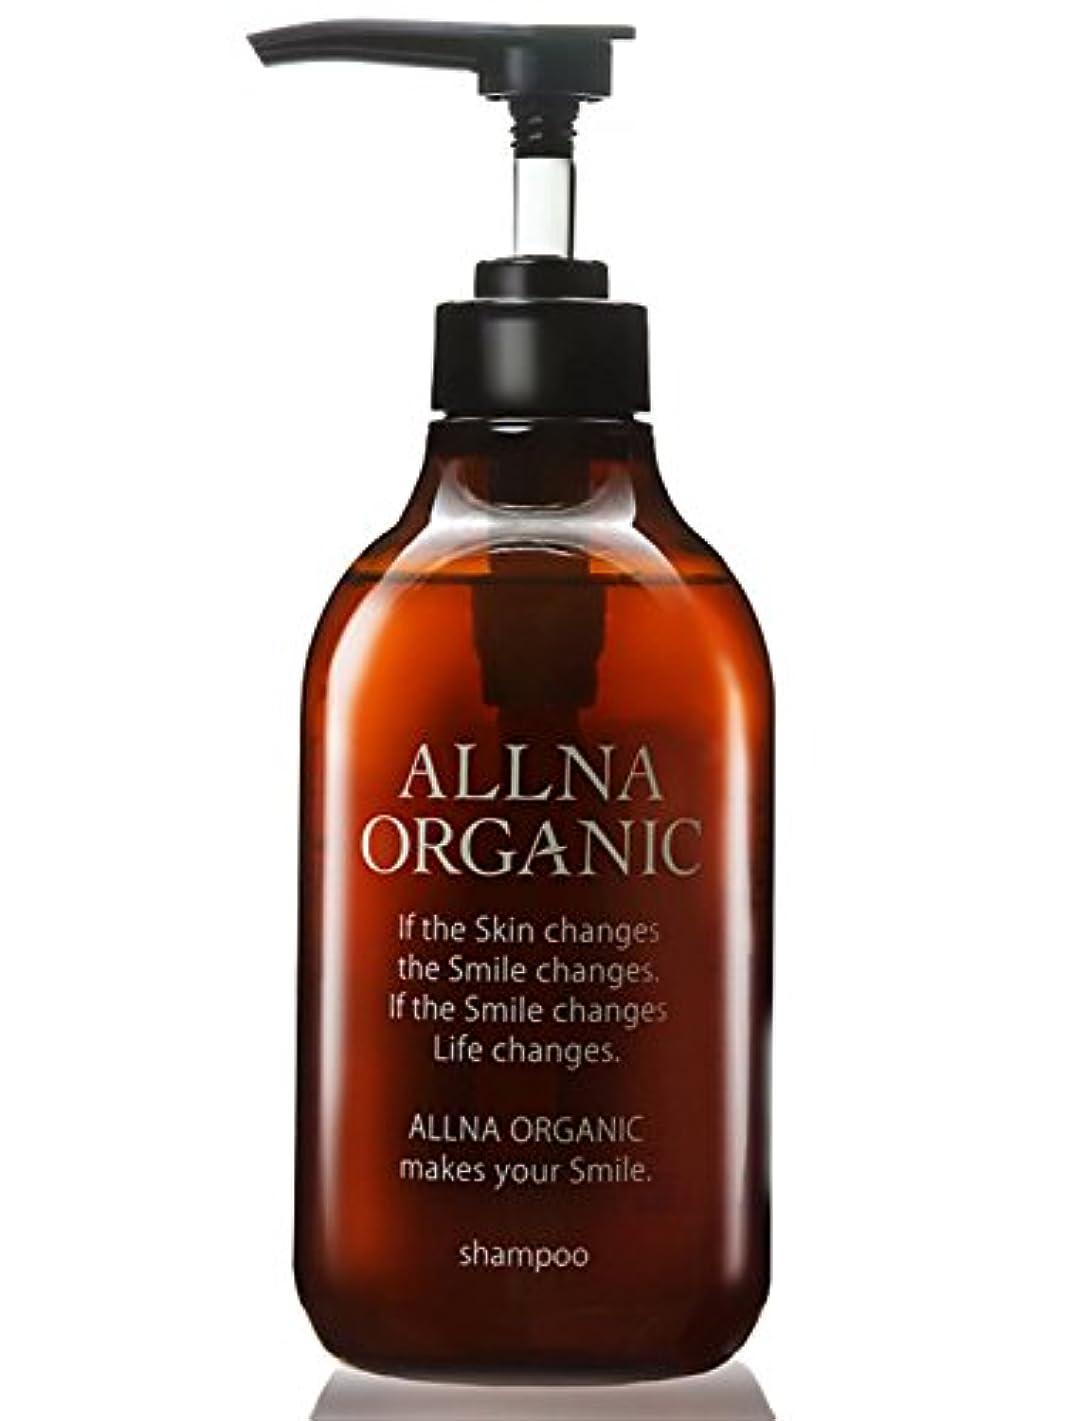 セーブ激怒ボールオルナ オーガニック シャンプー 無添加 ノンシリコン 天然由来 無香料でボタニカルな香り「コラーゲン ヒアルロン酸 ビタミンC誘導体 セラミド 配合」500ml (シャンプー ポンプ) (スムース)